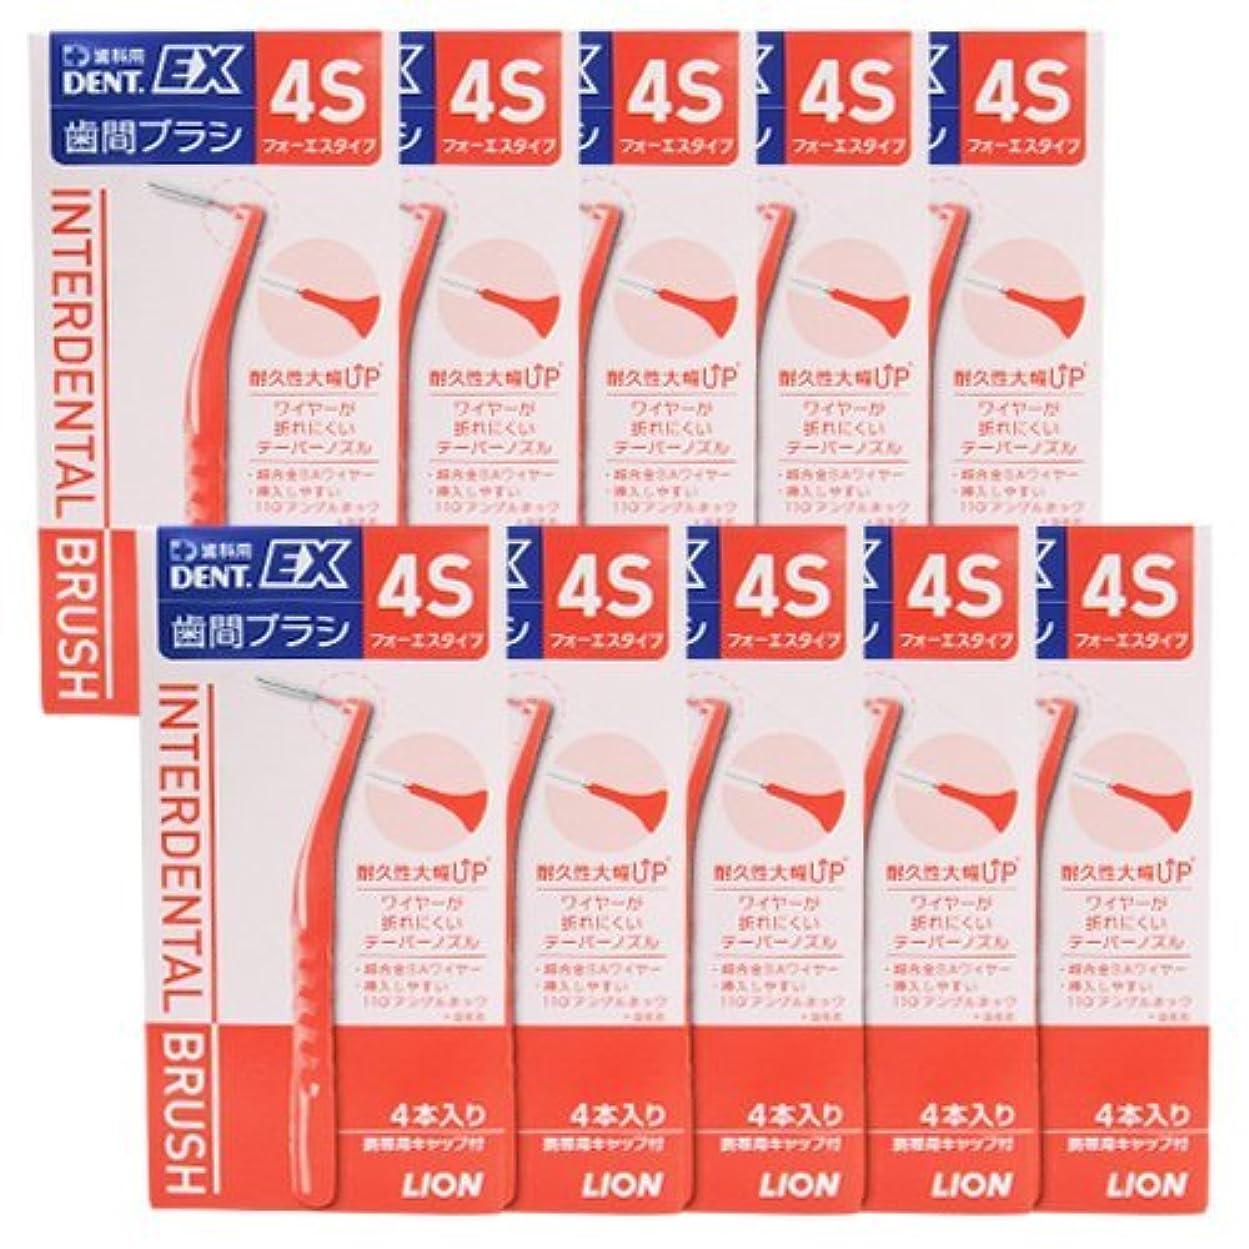 収縮タイトル意気込みライオン DENT.EX 歯間ブラシ 4本入×10個(4S(レッド))